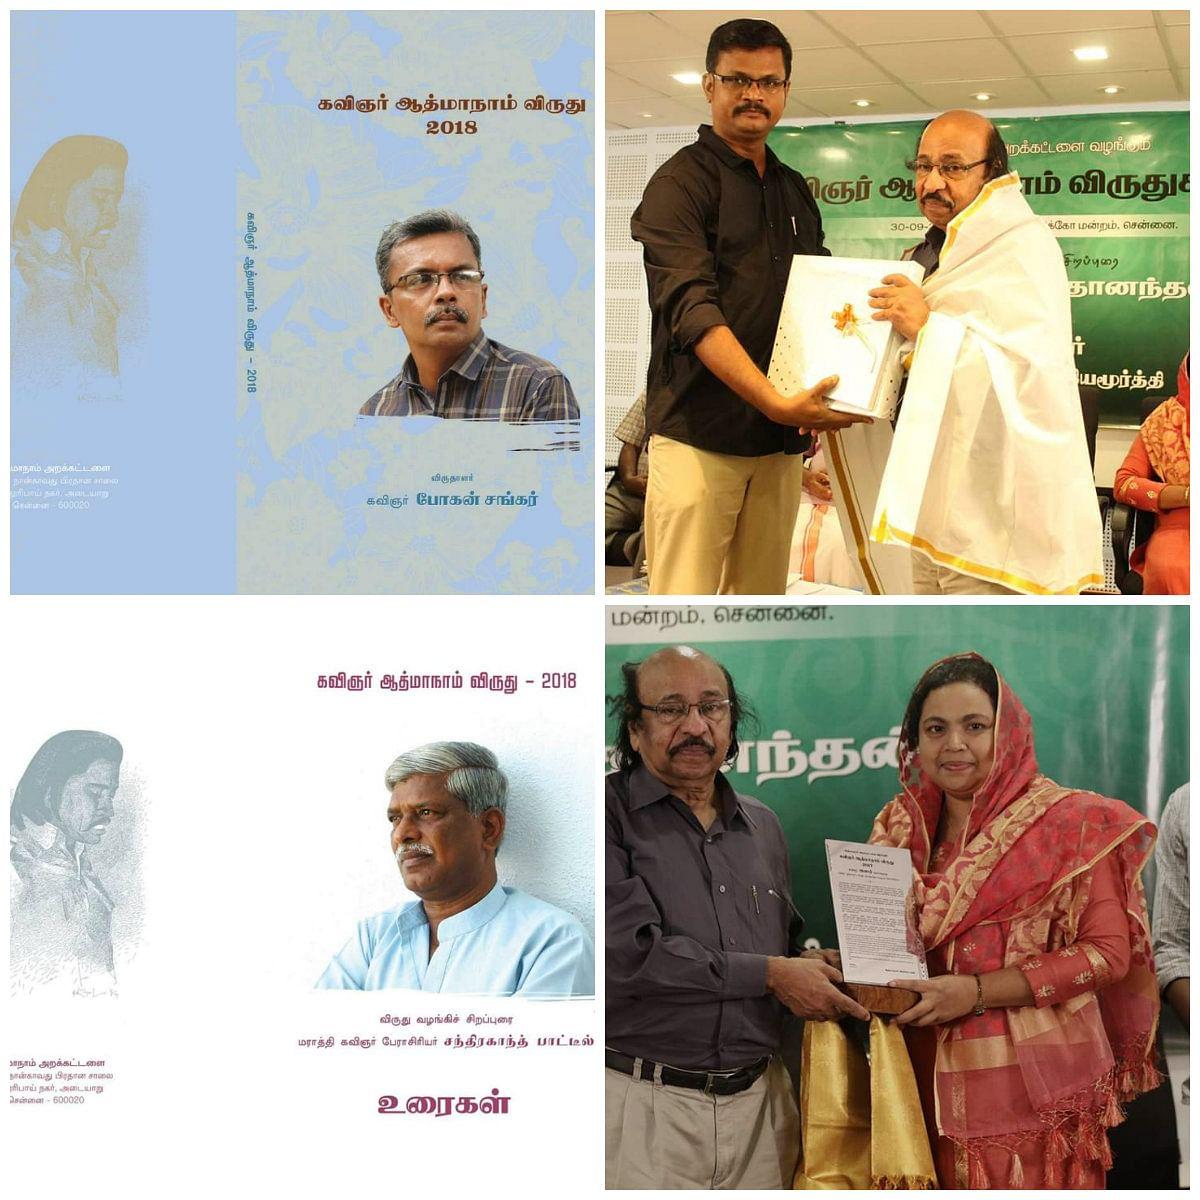 ஆத்மாநாம் விருது